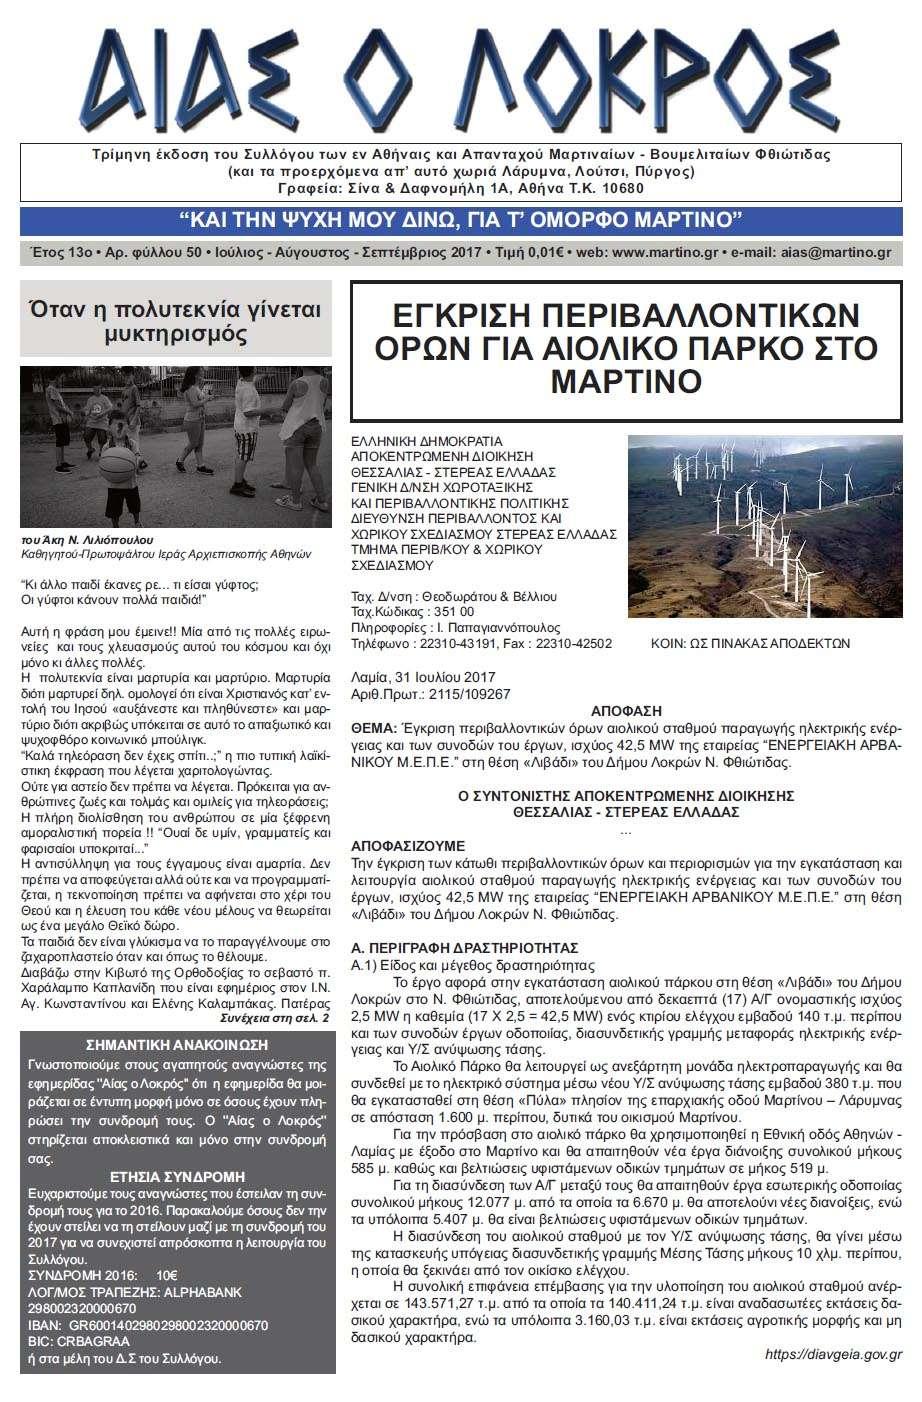 Κυκλοφόρισε το νέο φύλλο της εφημερίδας μας - Φύλλο 50